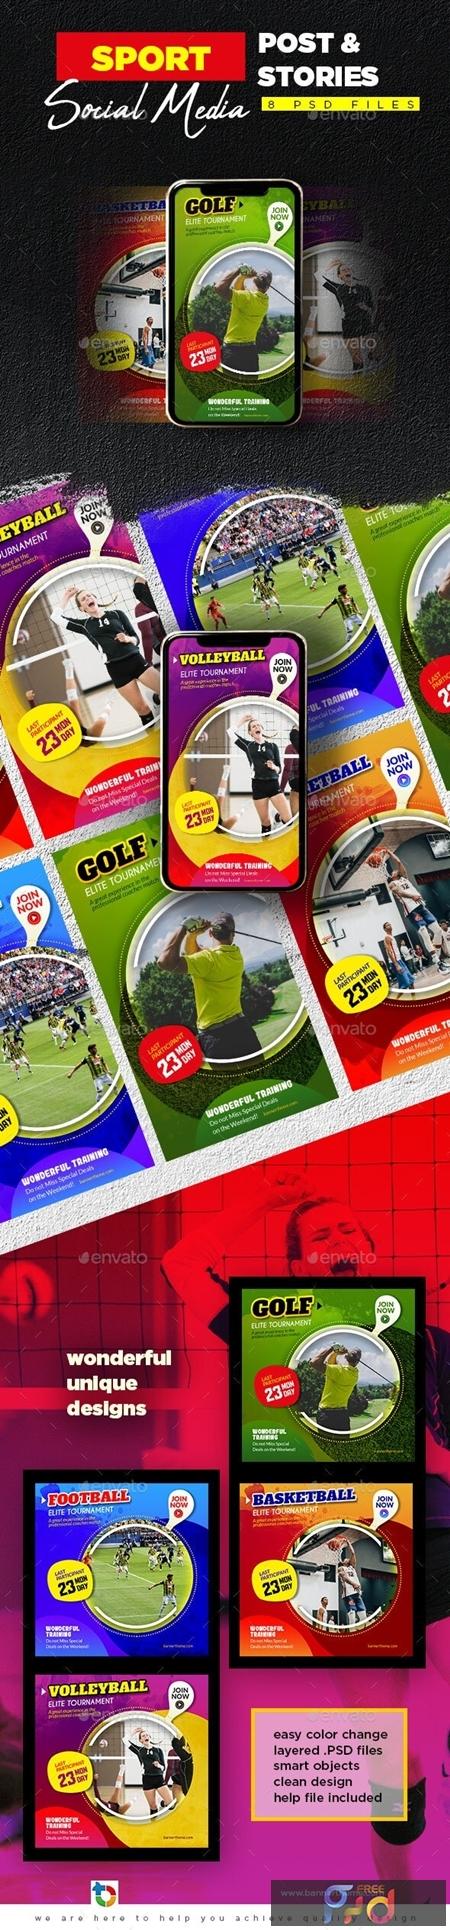 Sport Social Media Post & Stories 23970910 1